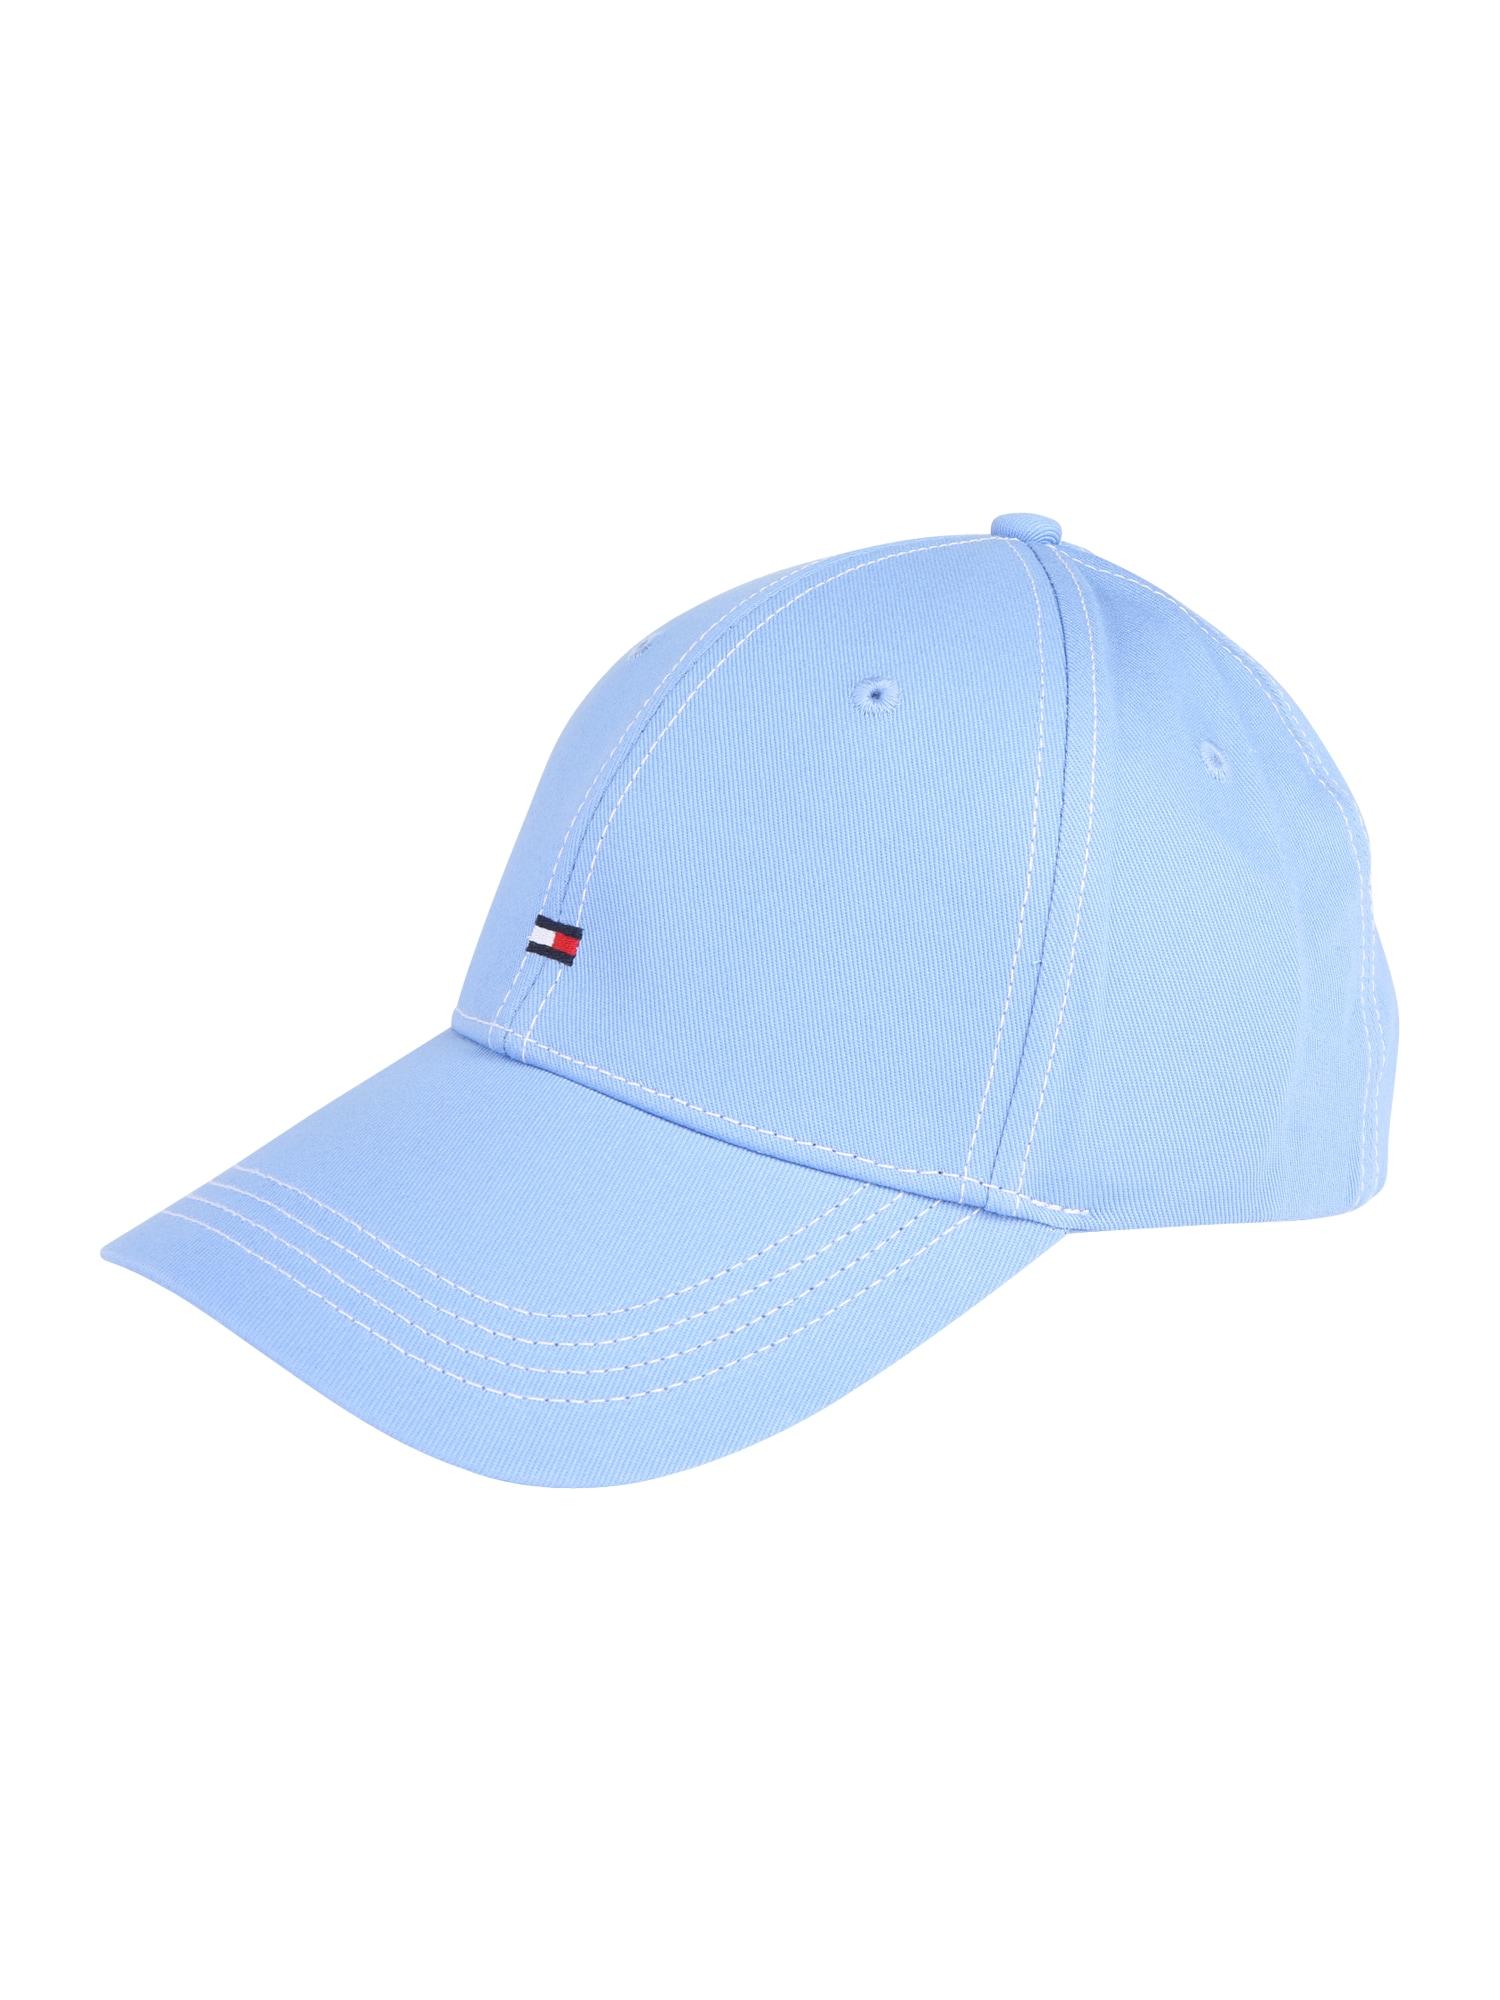 Kšiltovka BB Cap modrá TOMMY HILFIGER